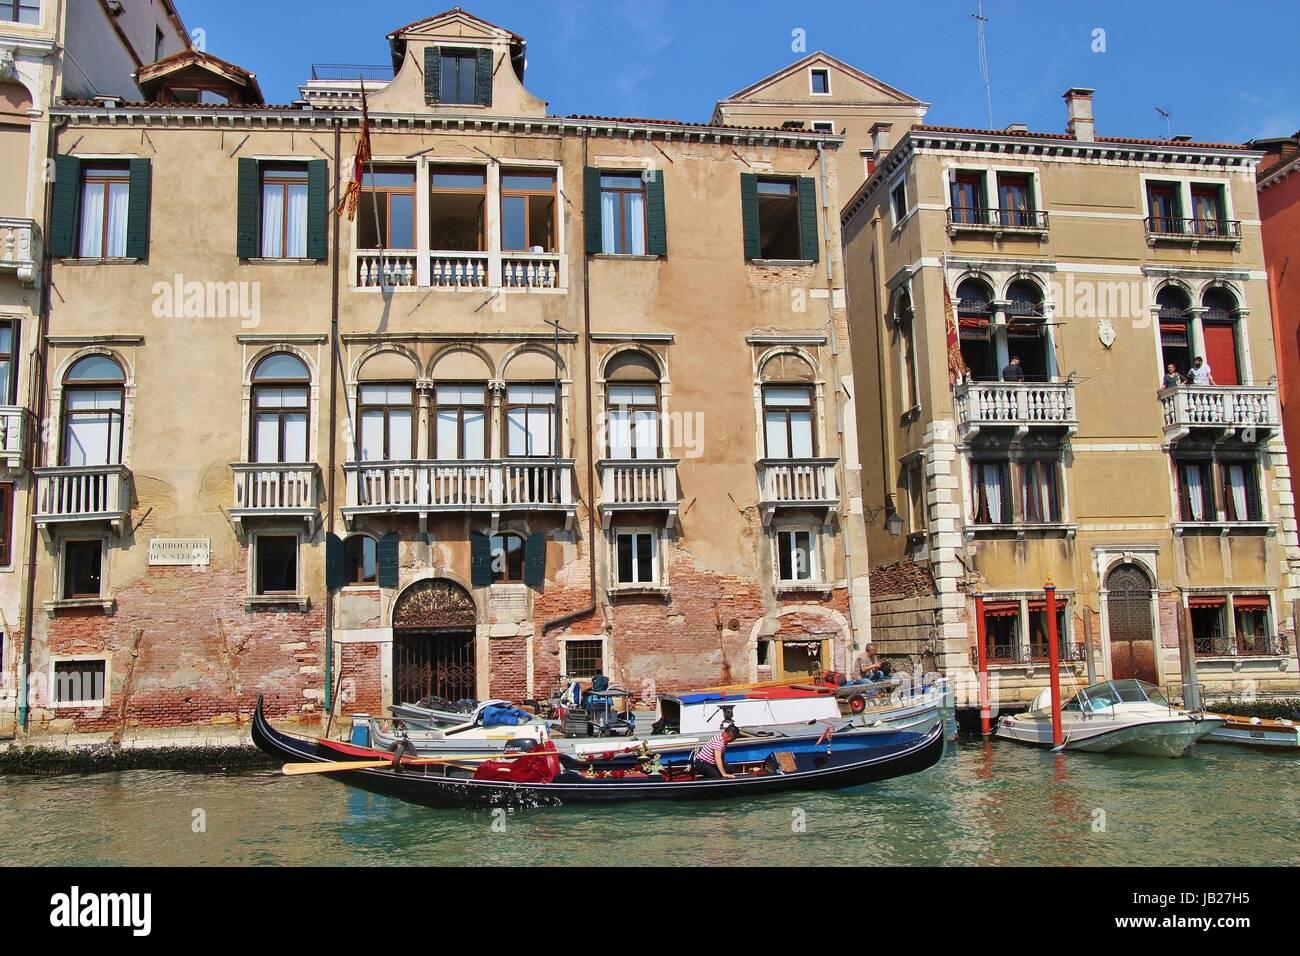 Bâtiments et gondole sur le Grand Canal, San Stefano. Scène quotidienne avec les habitants sur les balcons. Photo Stock